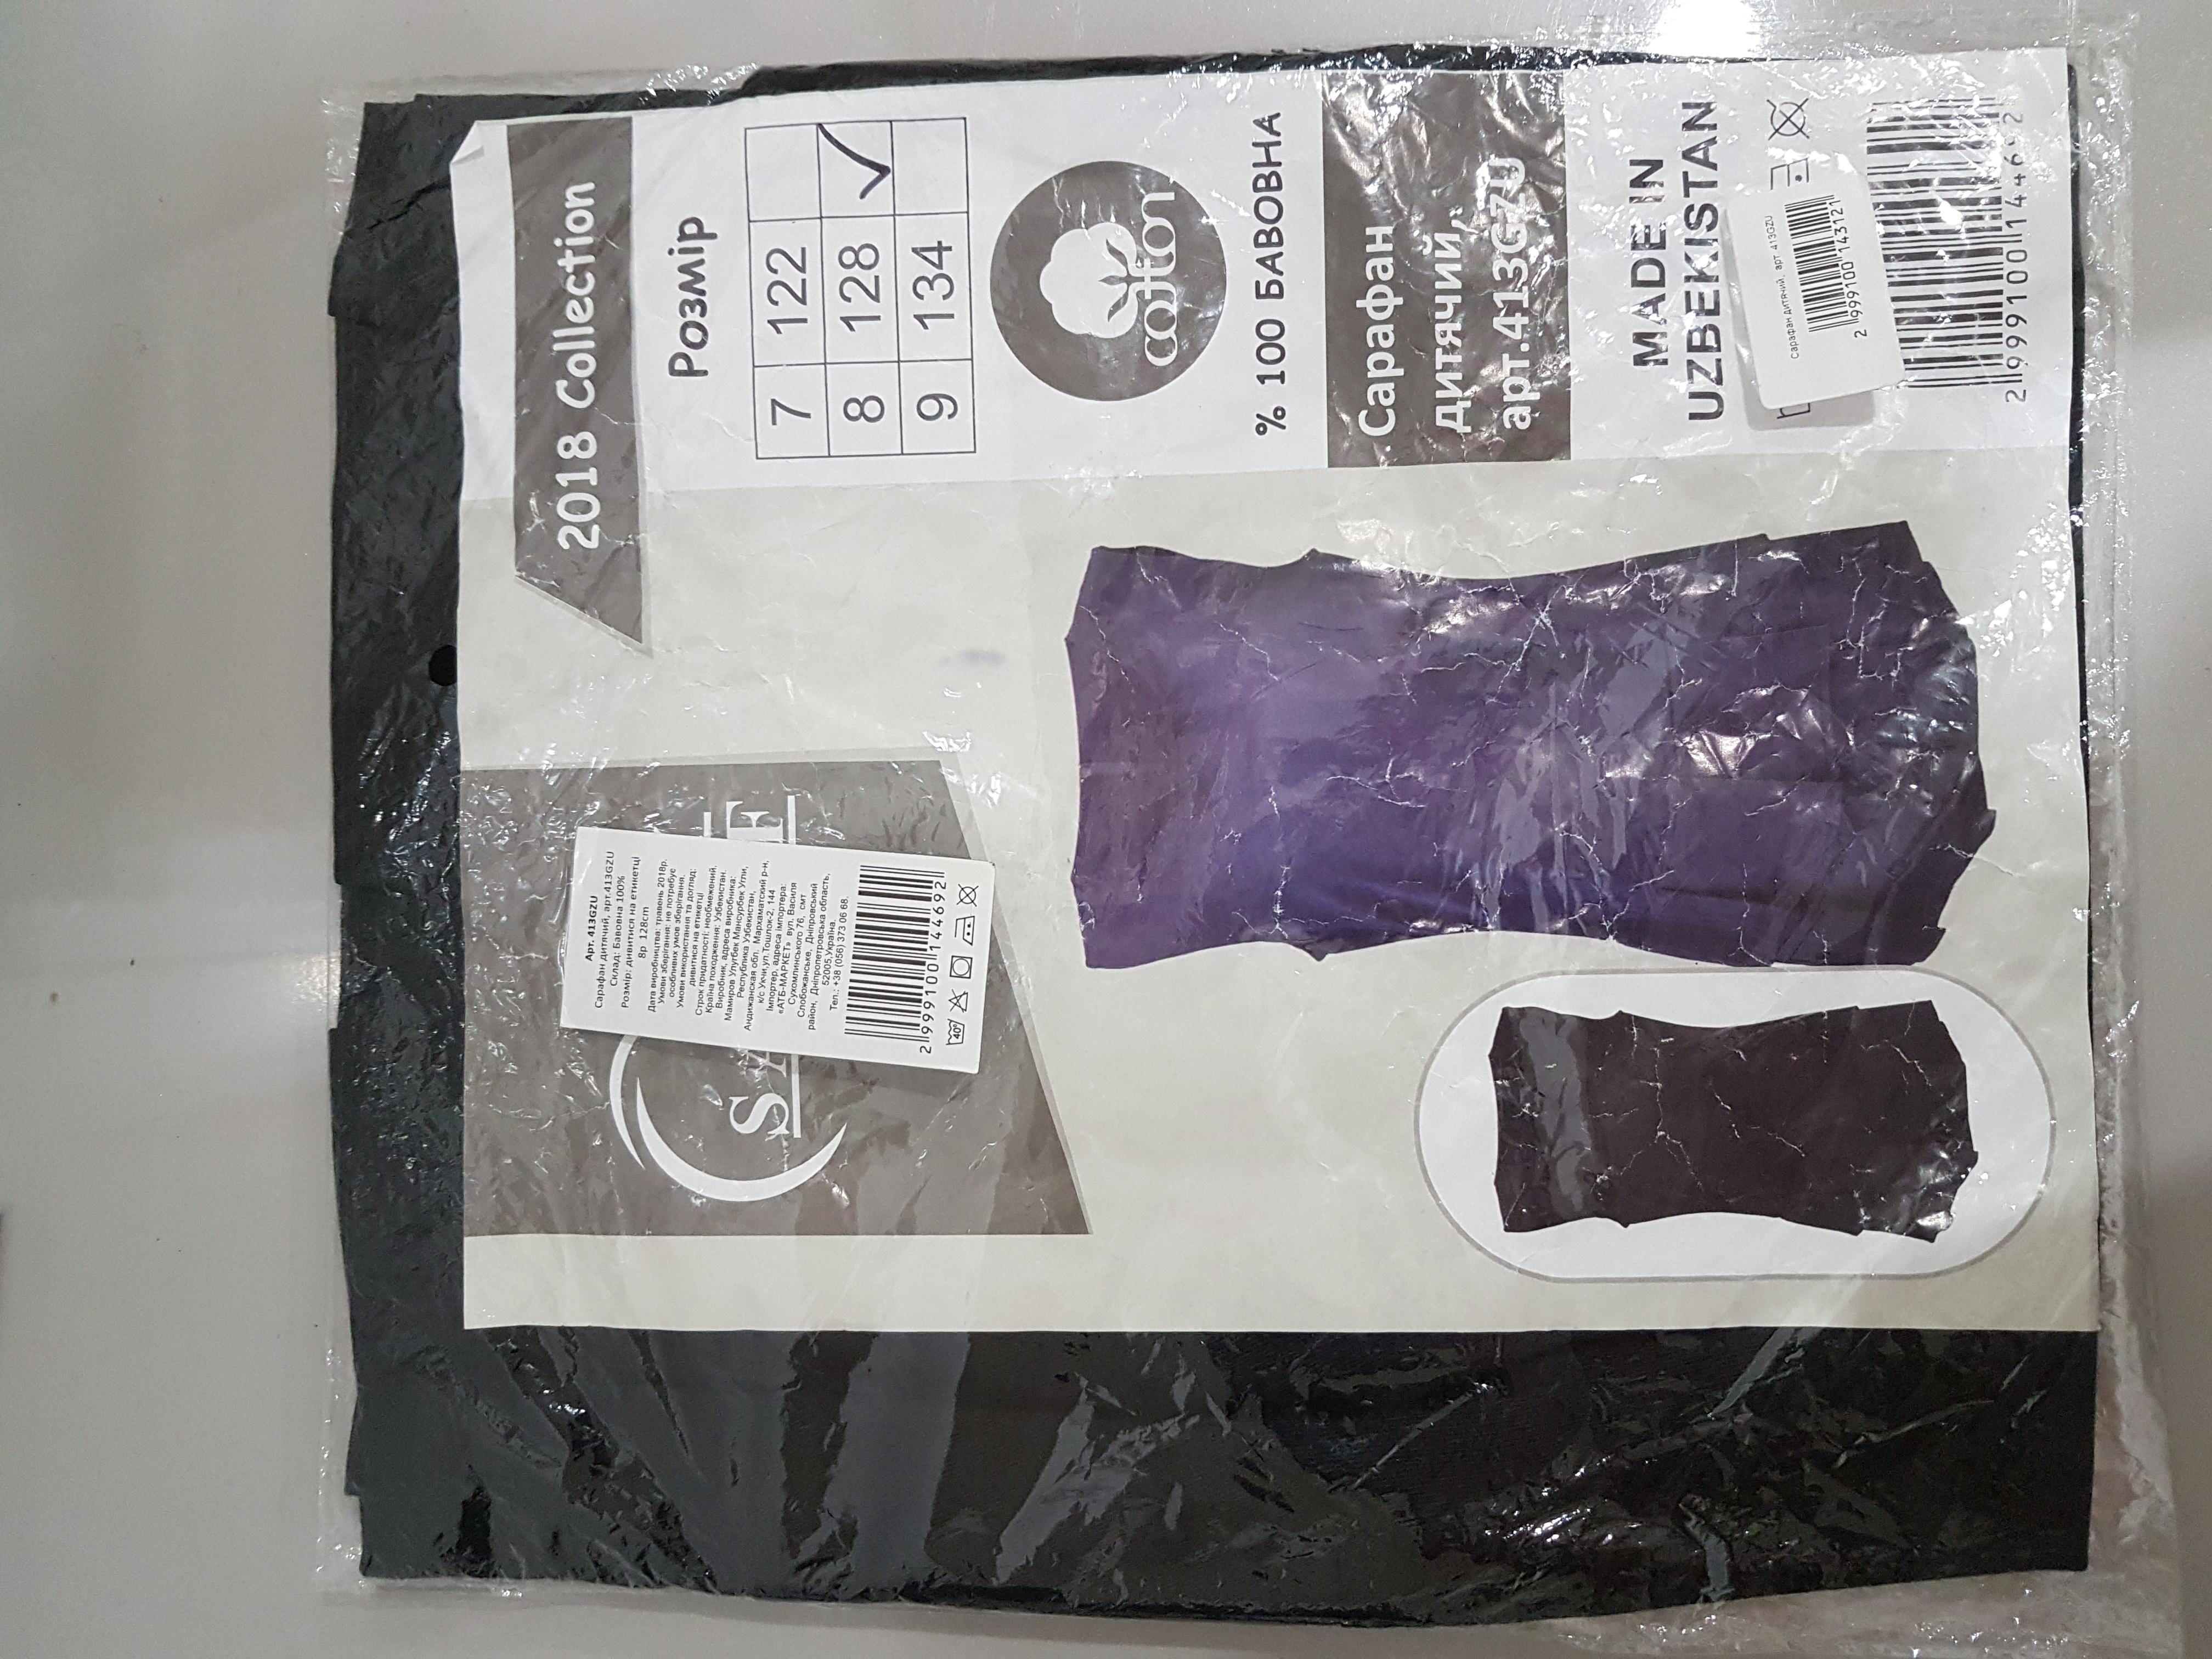 Детский Сарафан 100%котон плотная ткань, хорошее качество, чёрный и синий! Идеально для школы! - Фото №4